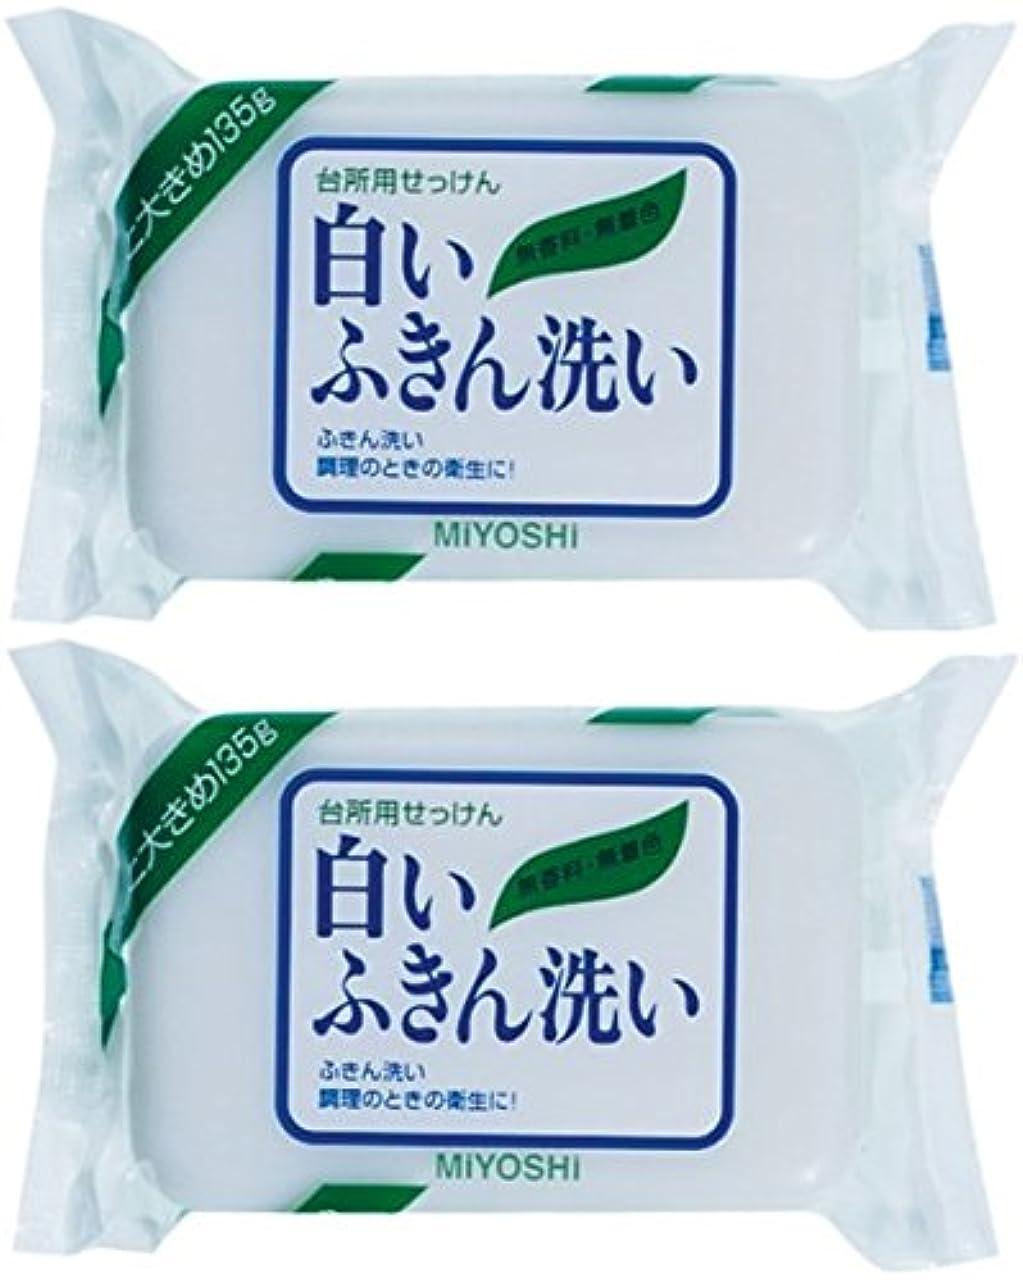 降臨散歩に行く異なる【まとめ買い】ミヨシ 白いふきん洗い せっけん 135g ×2セット